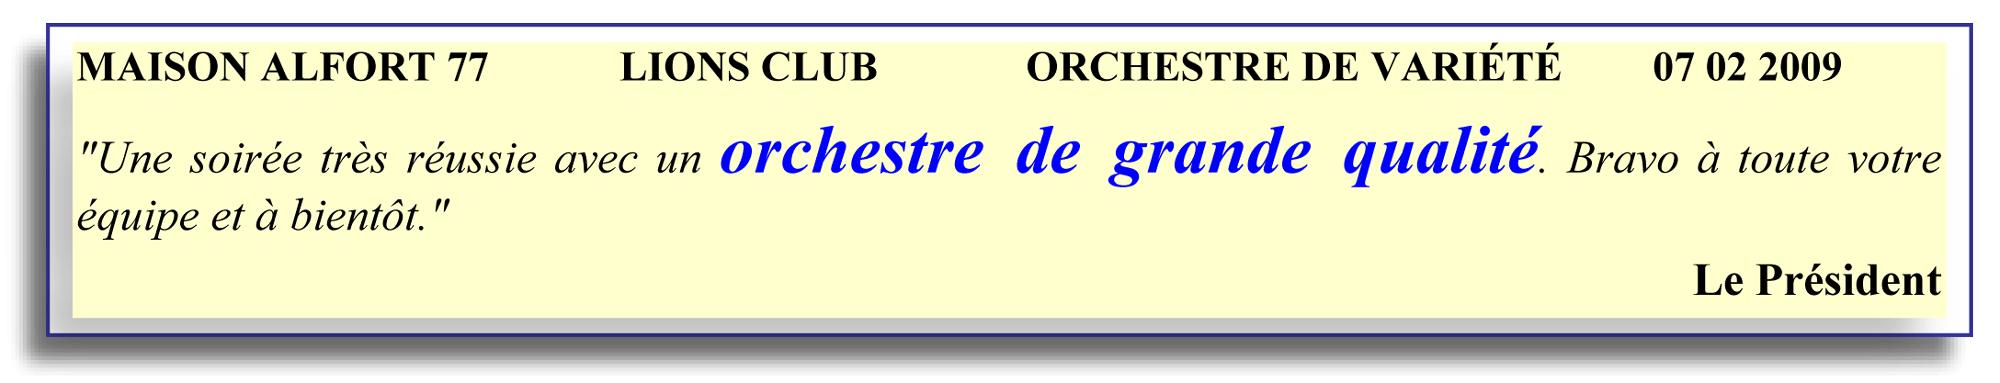 maison alfort 77-2009- orchestre de variété